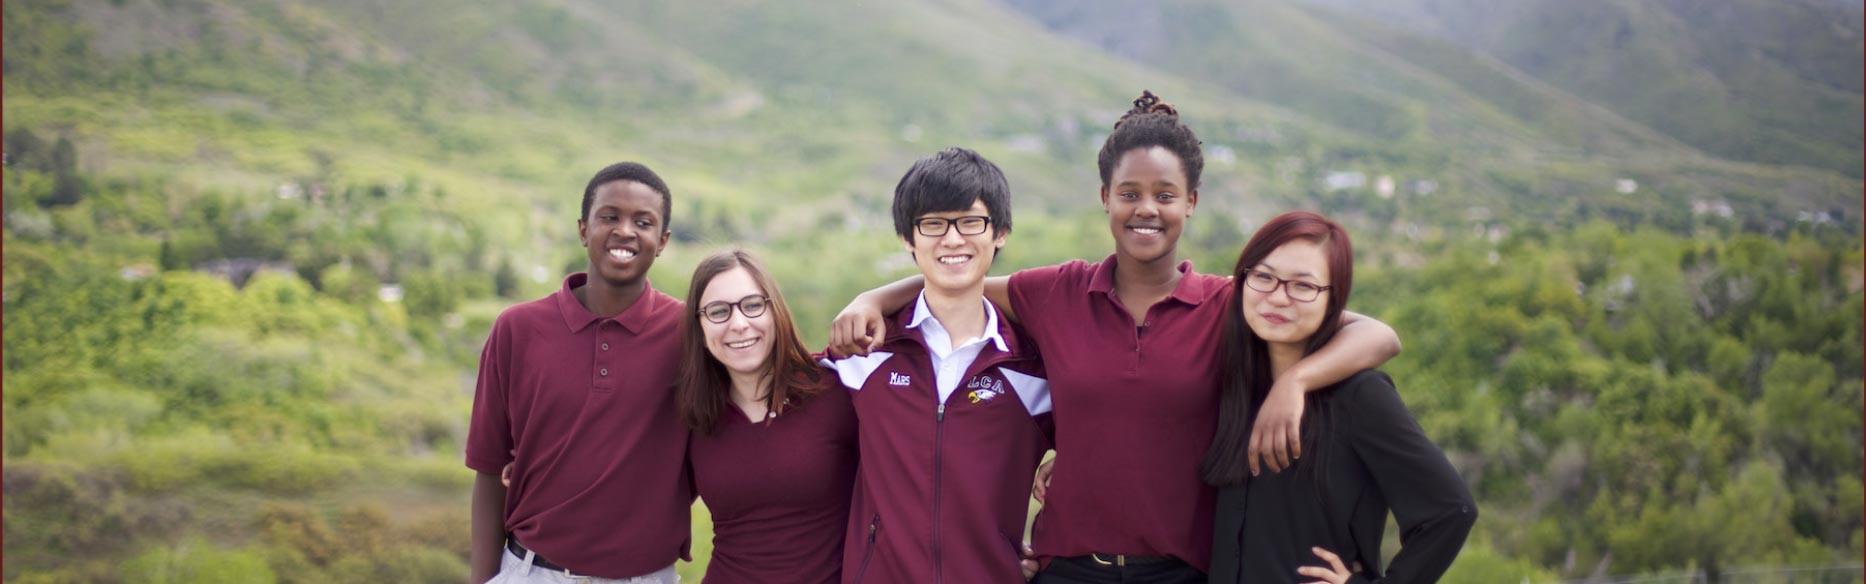 LaytonChristianAcademy-PrivateDay-UT-USA-Students